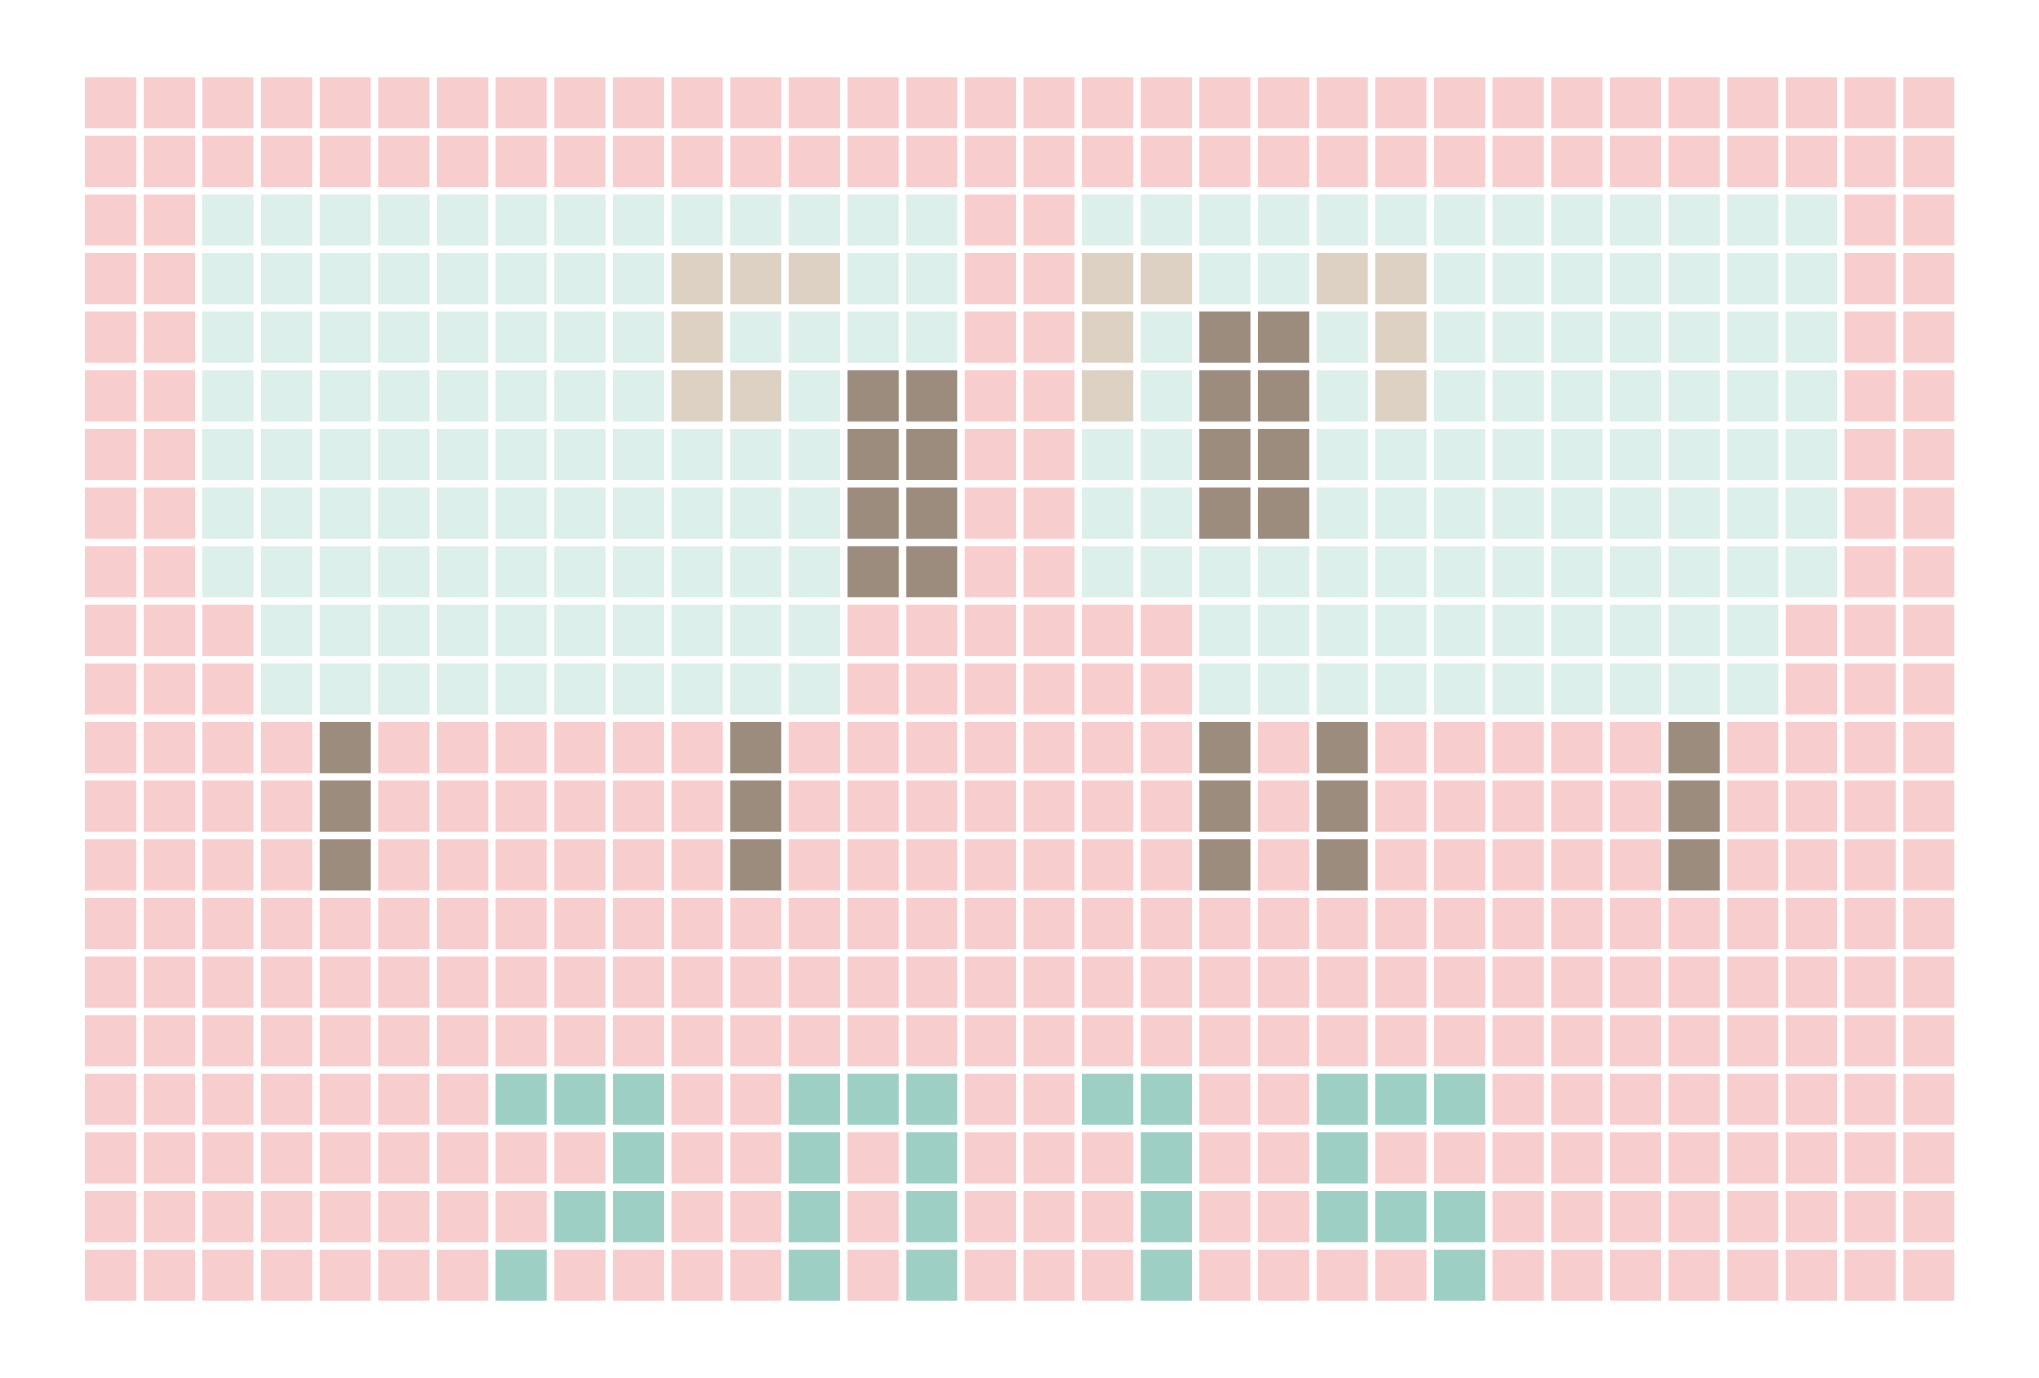 2015年賀状06-3:Sheep grid 2015 / 3のダウンロード画像